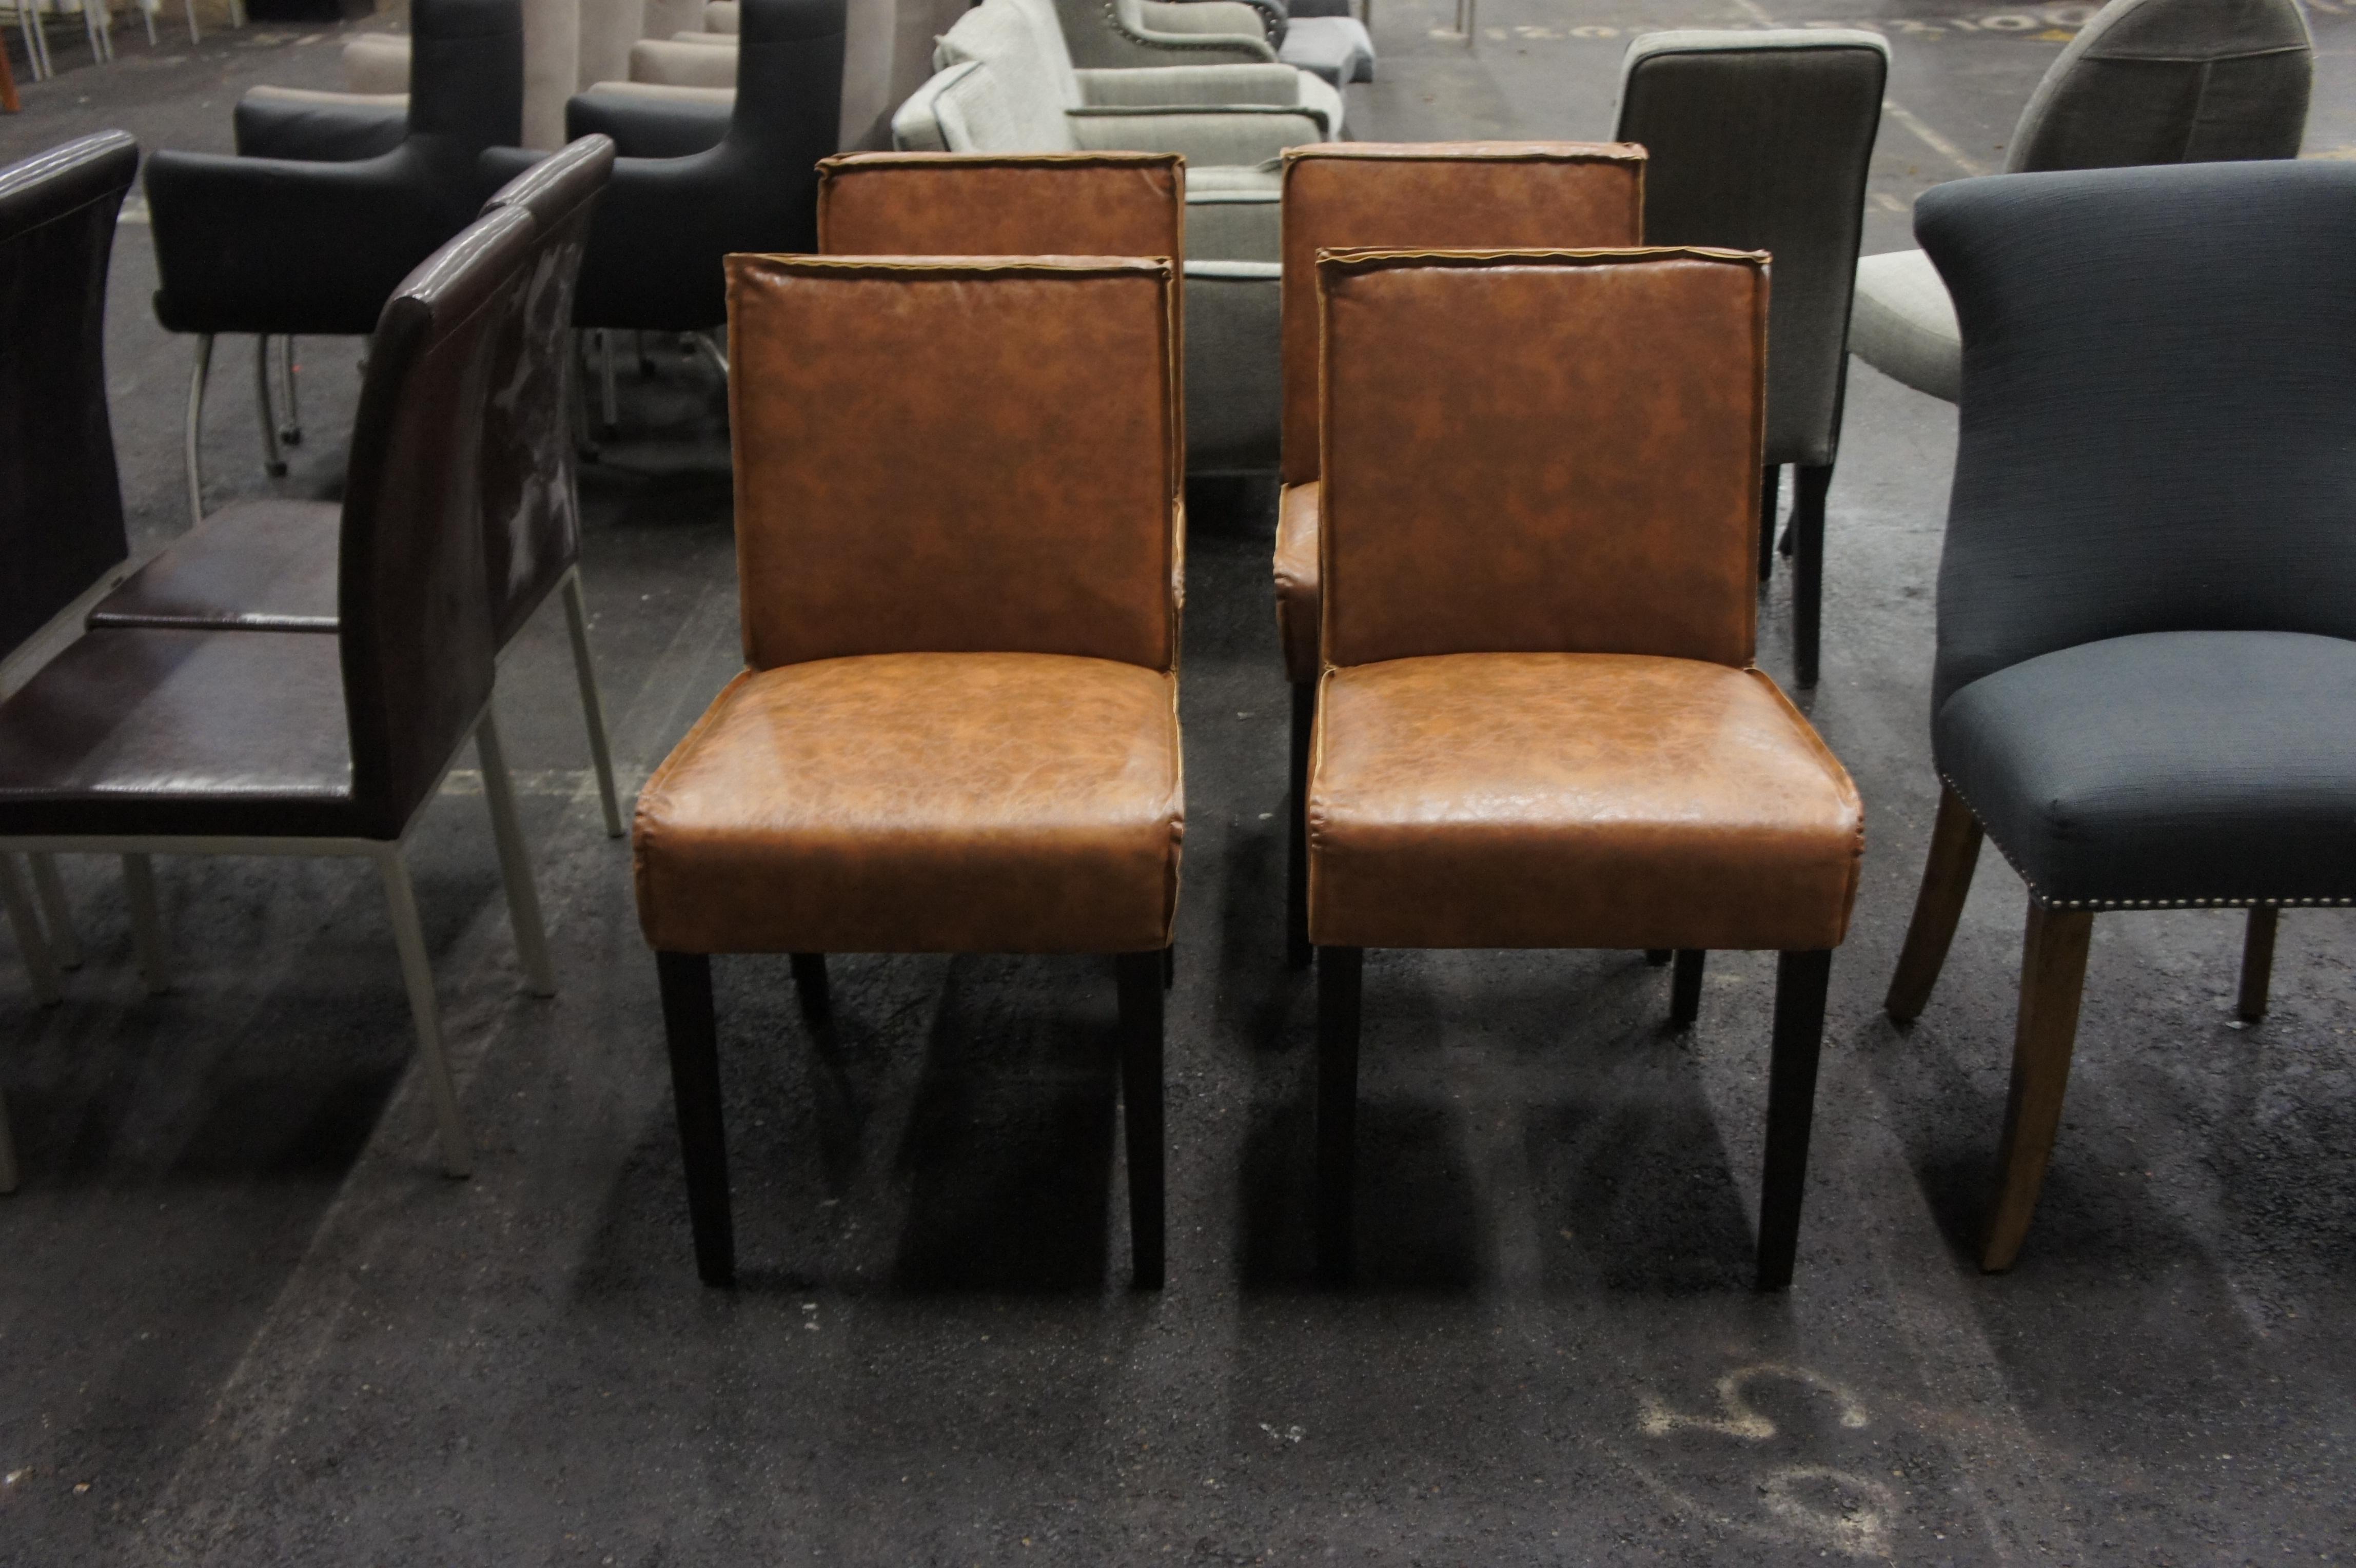 00010 villa stoel in bruin full grain leer meerde stoelen beschikbaar